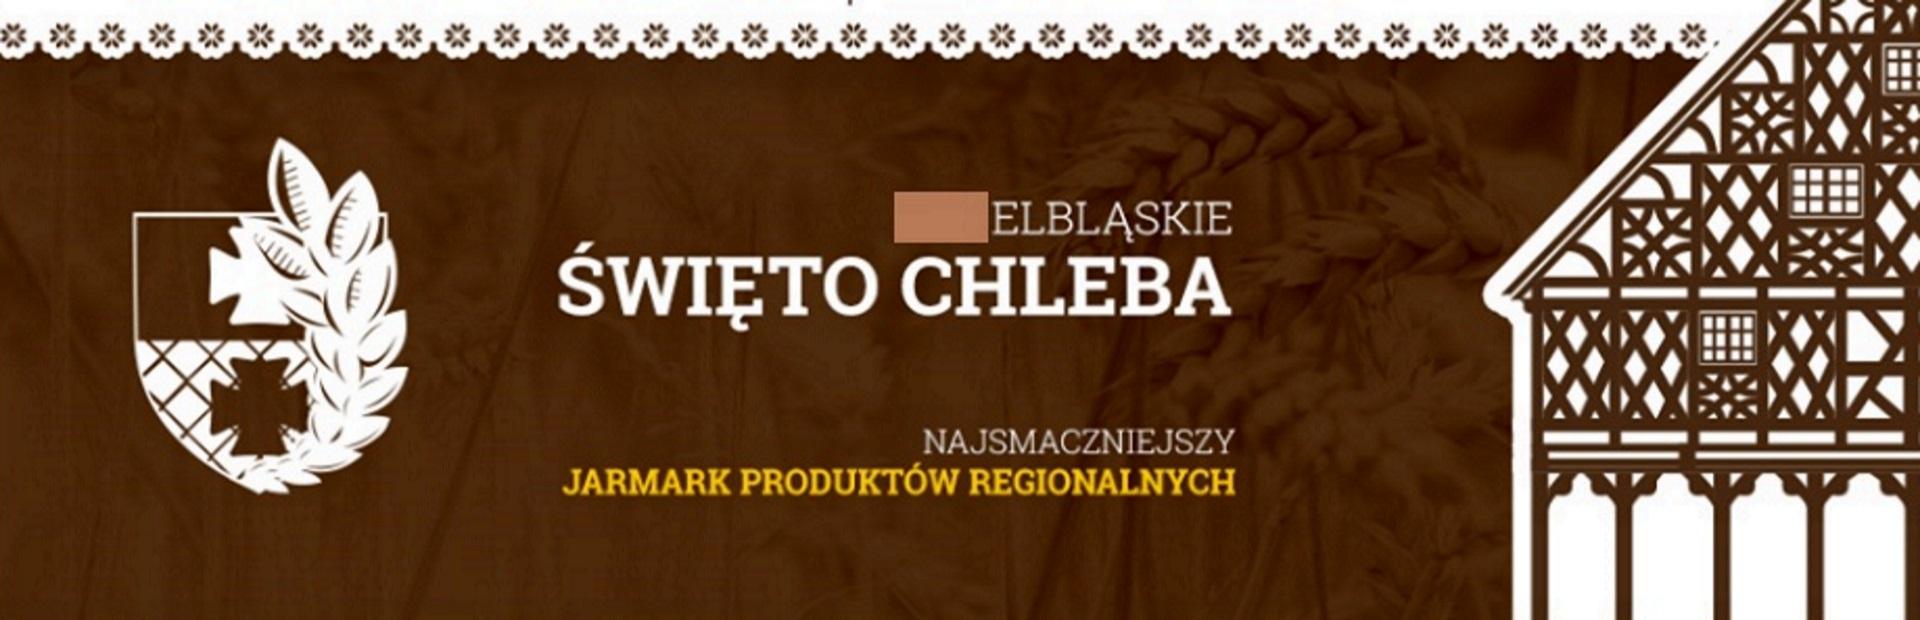 Zdjęcie - plakat zapraszający do Elbląga na 15. edycję Elbląskiego Święta Chleba 2020. Plakat graficzny informujący z napisami o imprezie.